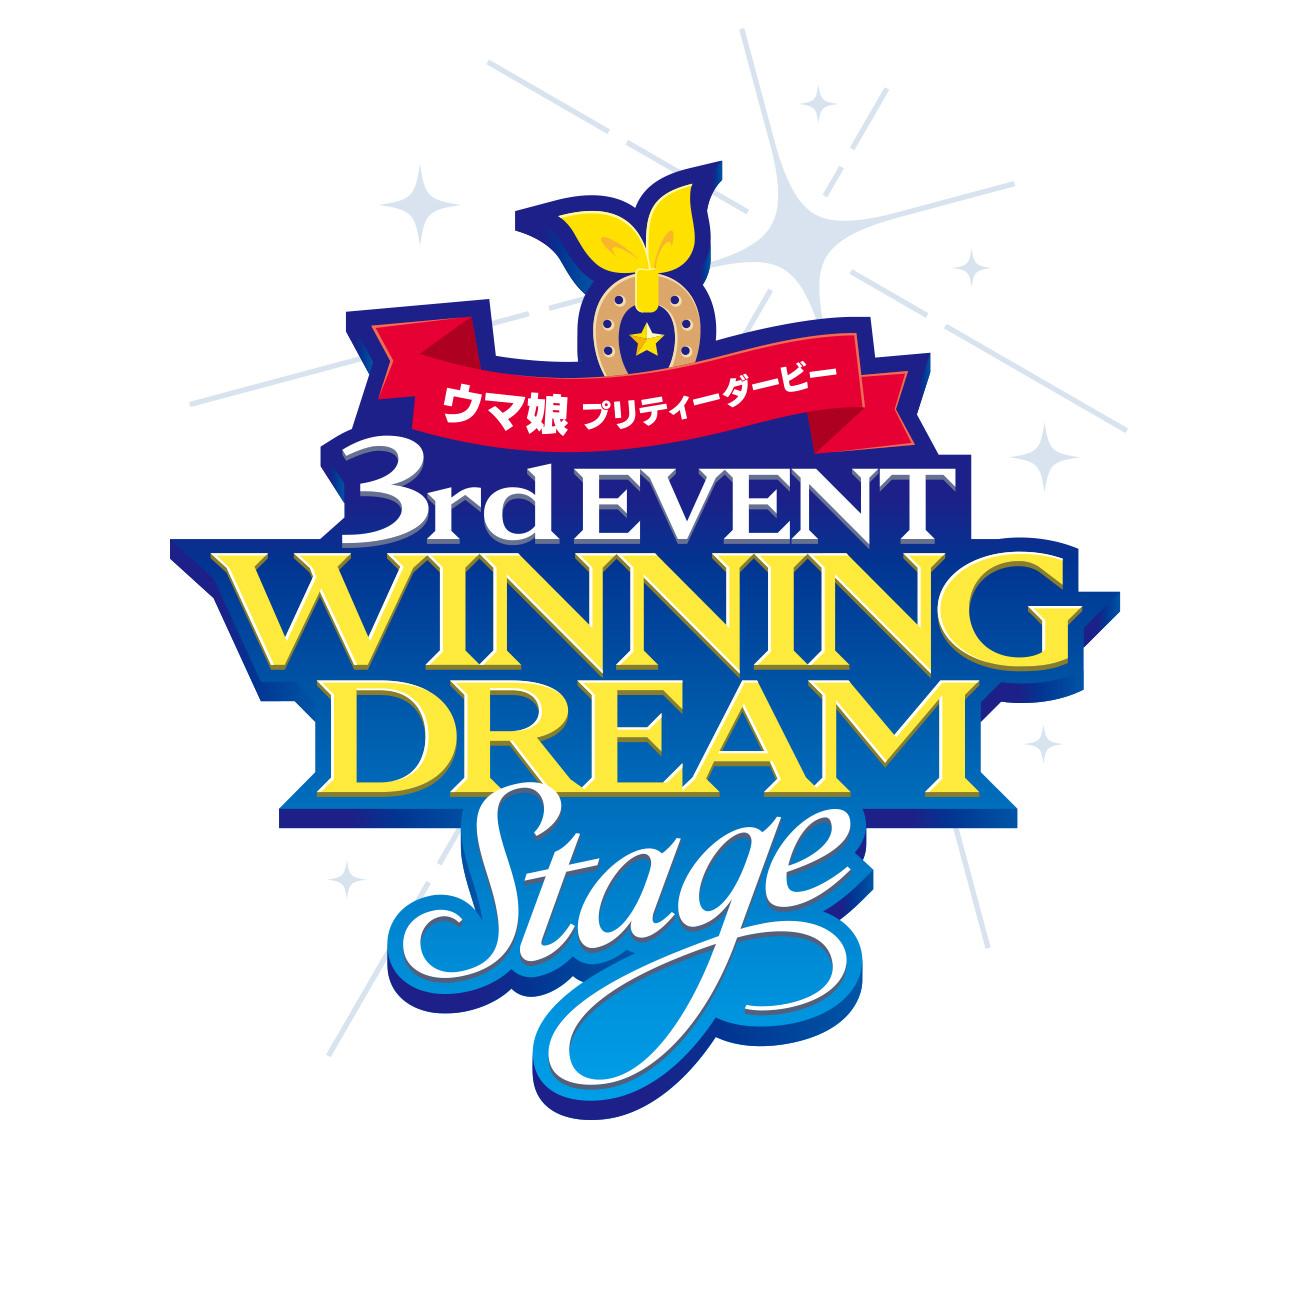 ウマ娘 プリティーダービー  3rd EVENT  WINNING DREAM STAGE